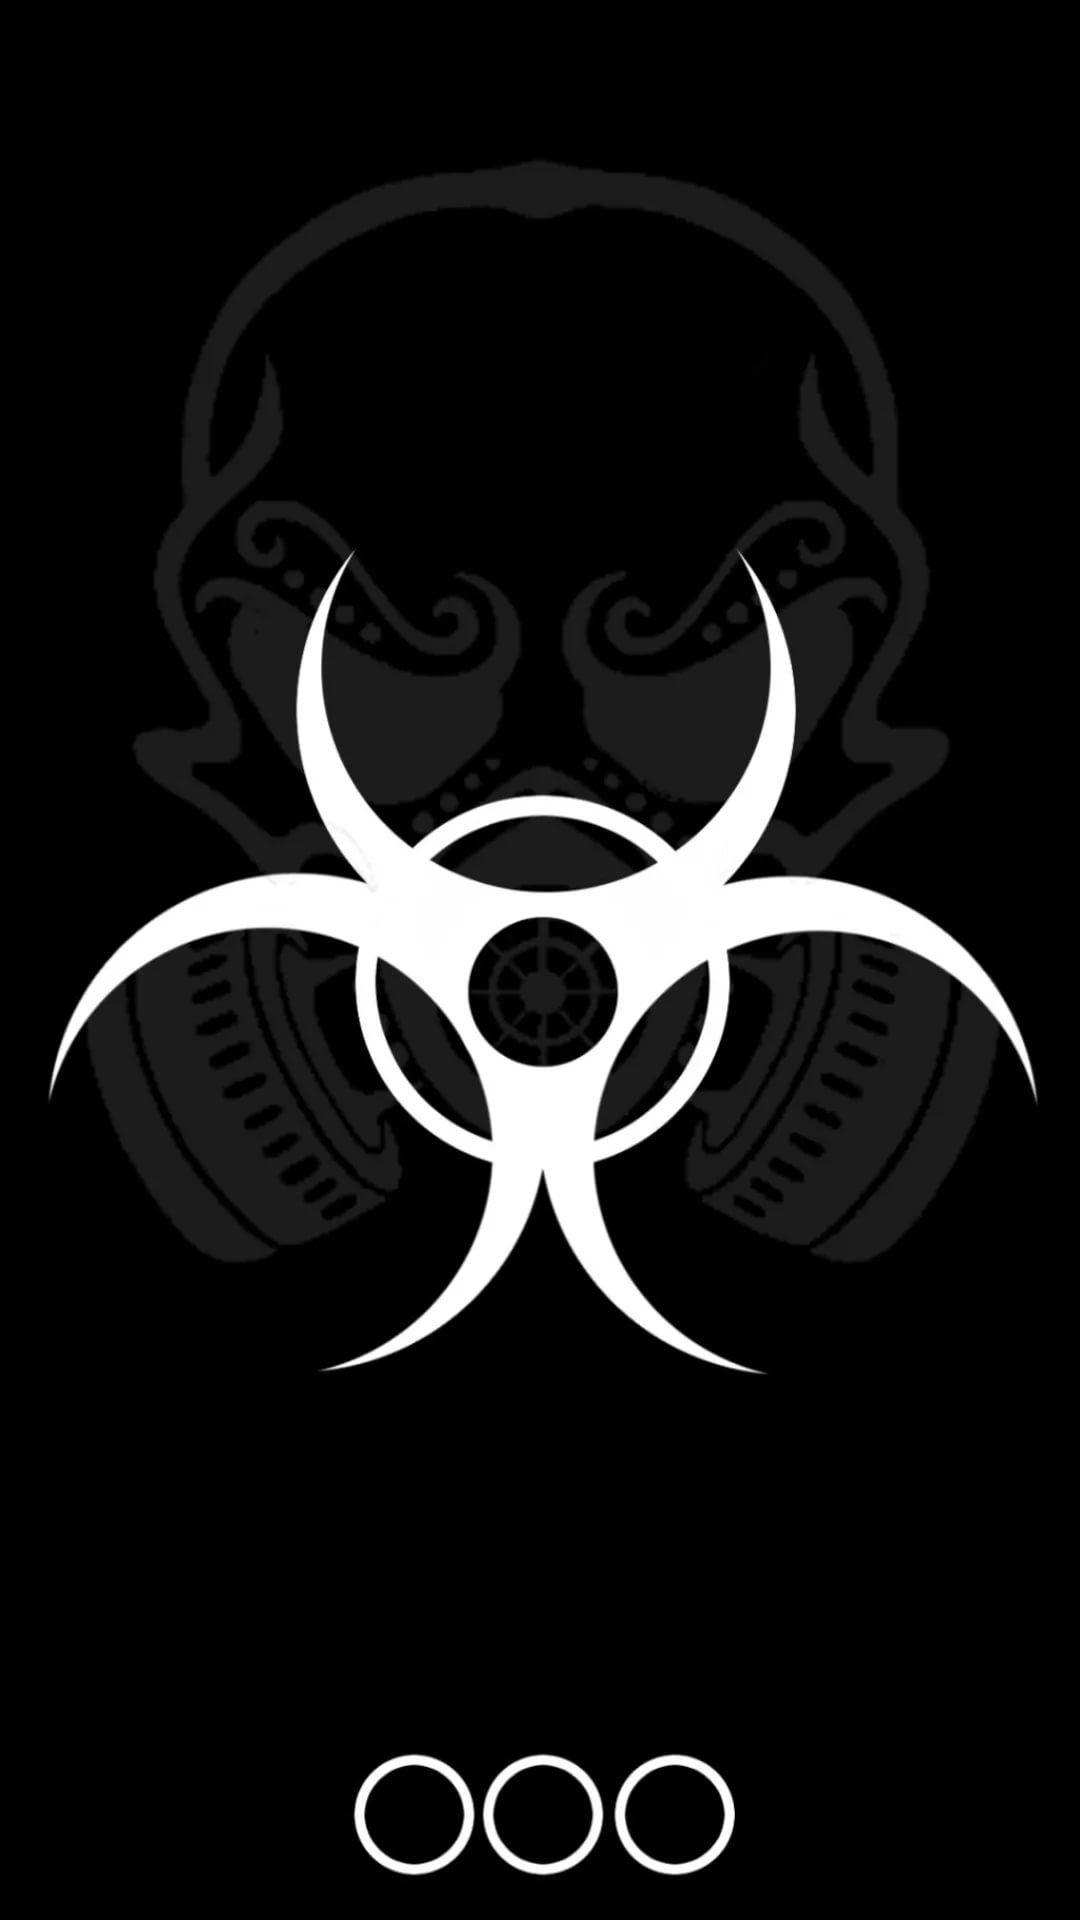 Biohazard iPhone 7 wallpaper